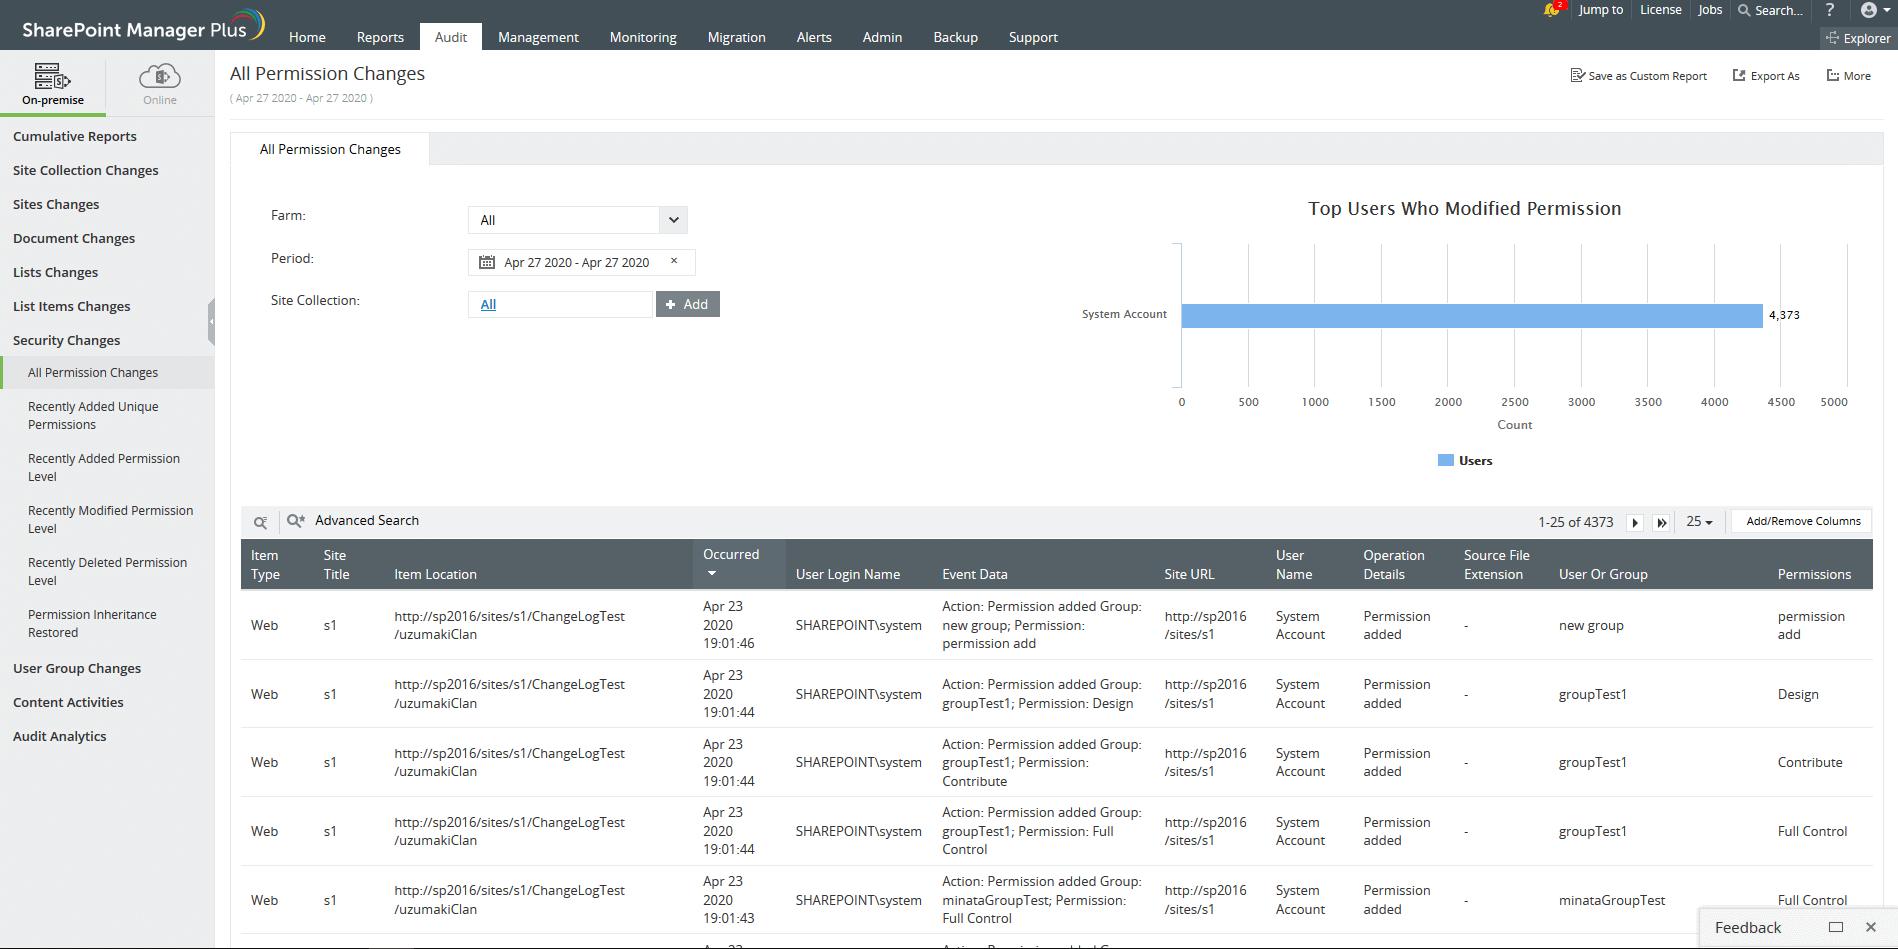 효율적인 SharePoint 서버 감사